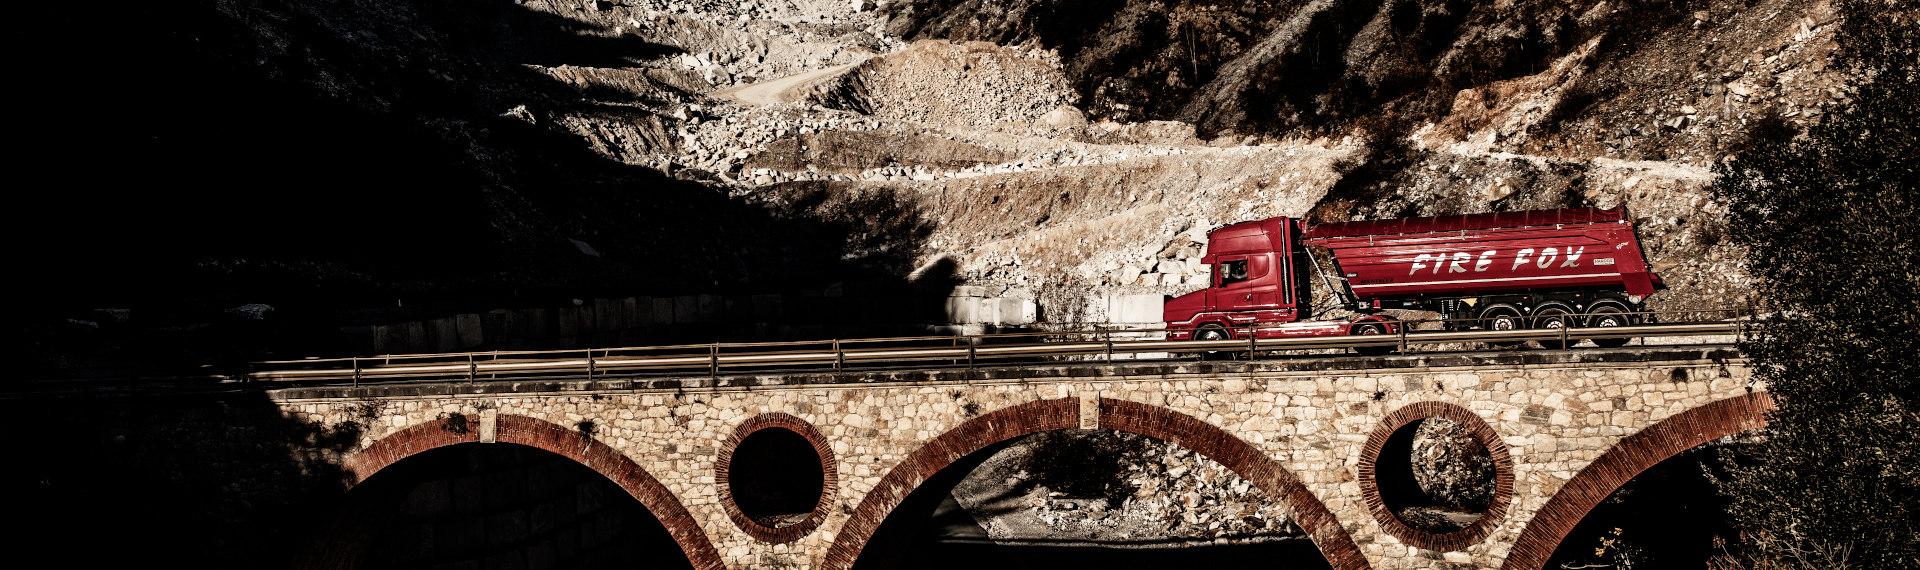 Un camion Fire Fox rosso fuoco in lamiera da treno in acciaio Hardox 500 Tuf che attraversa un ponte